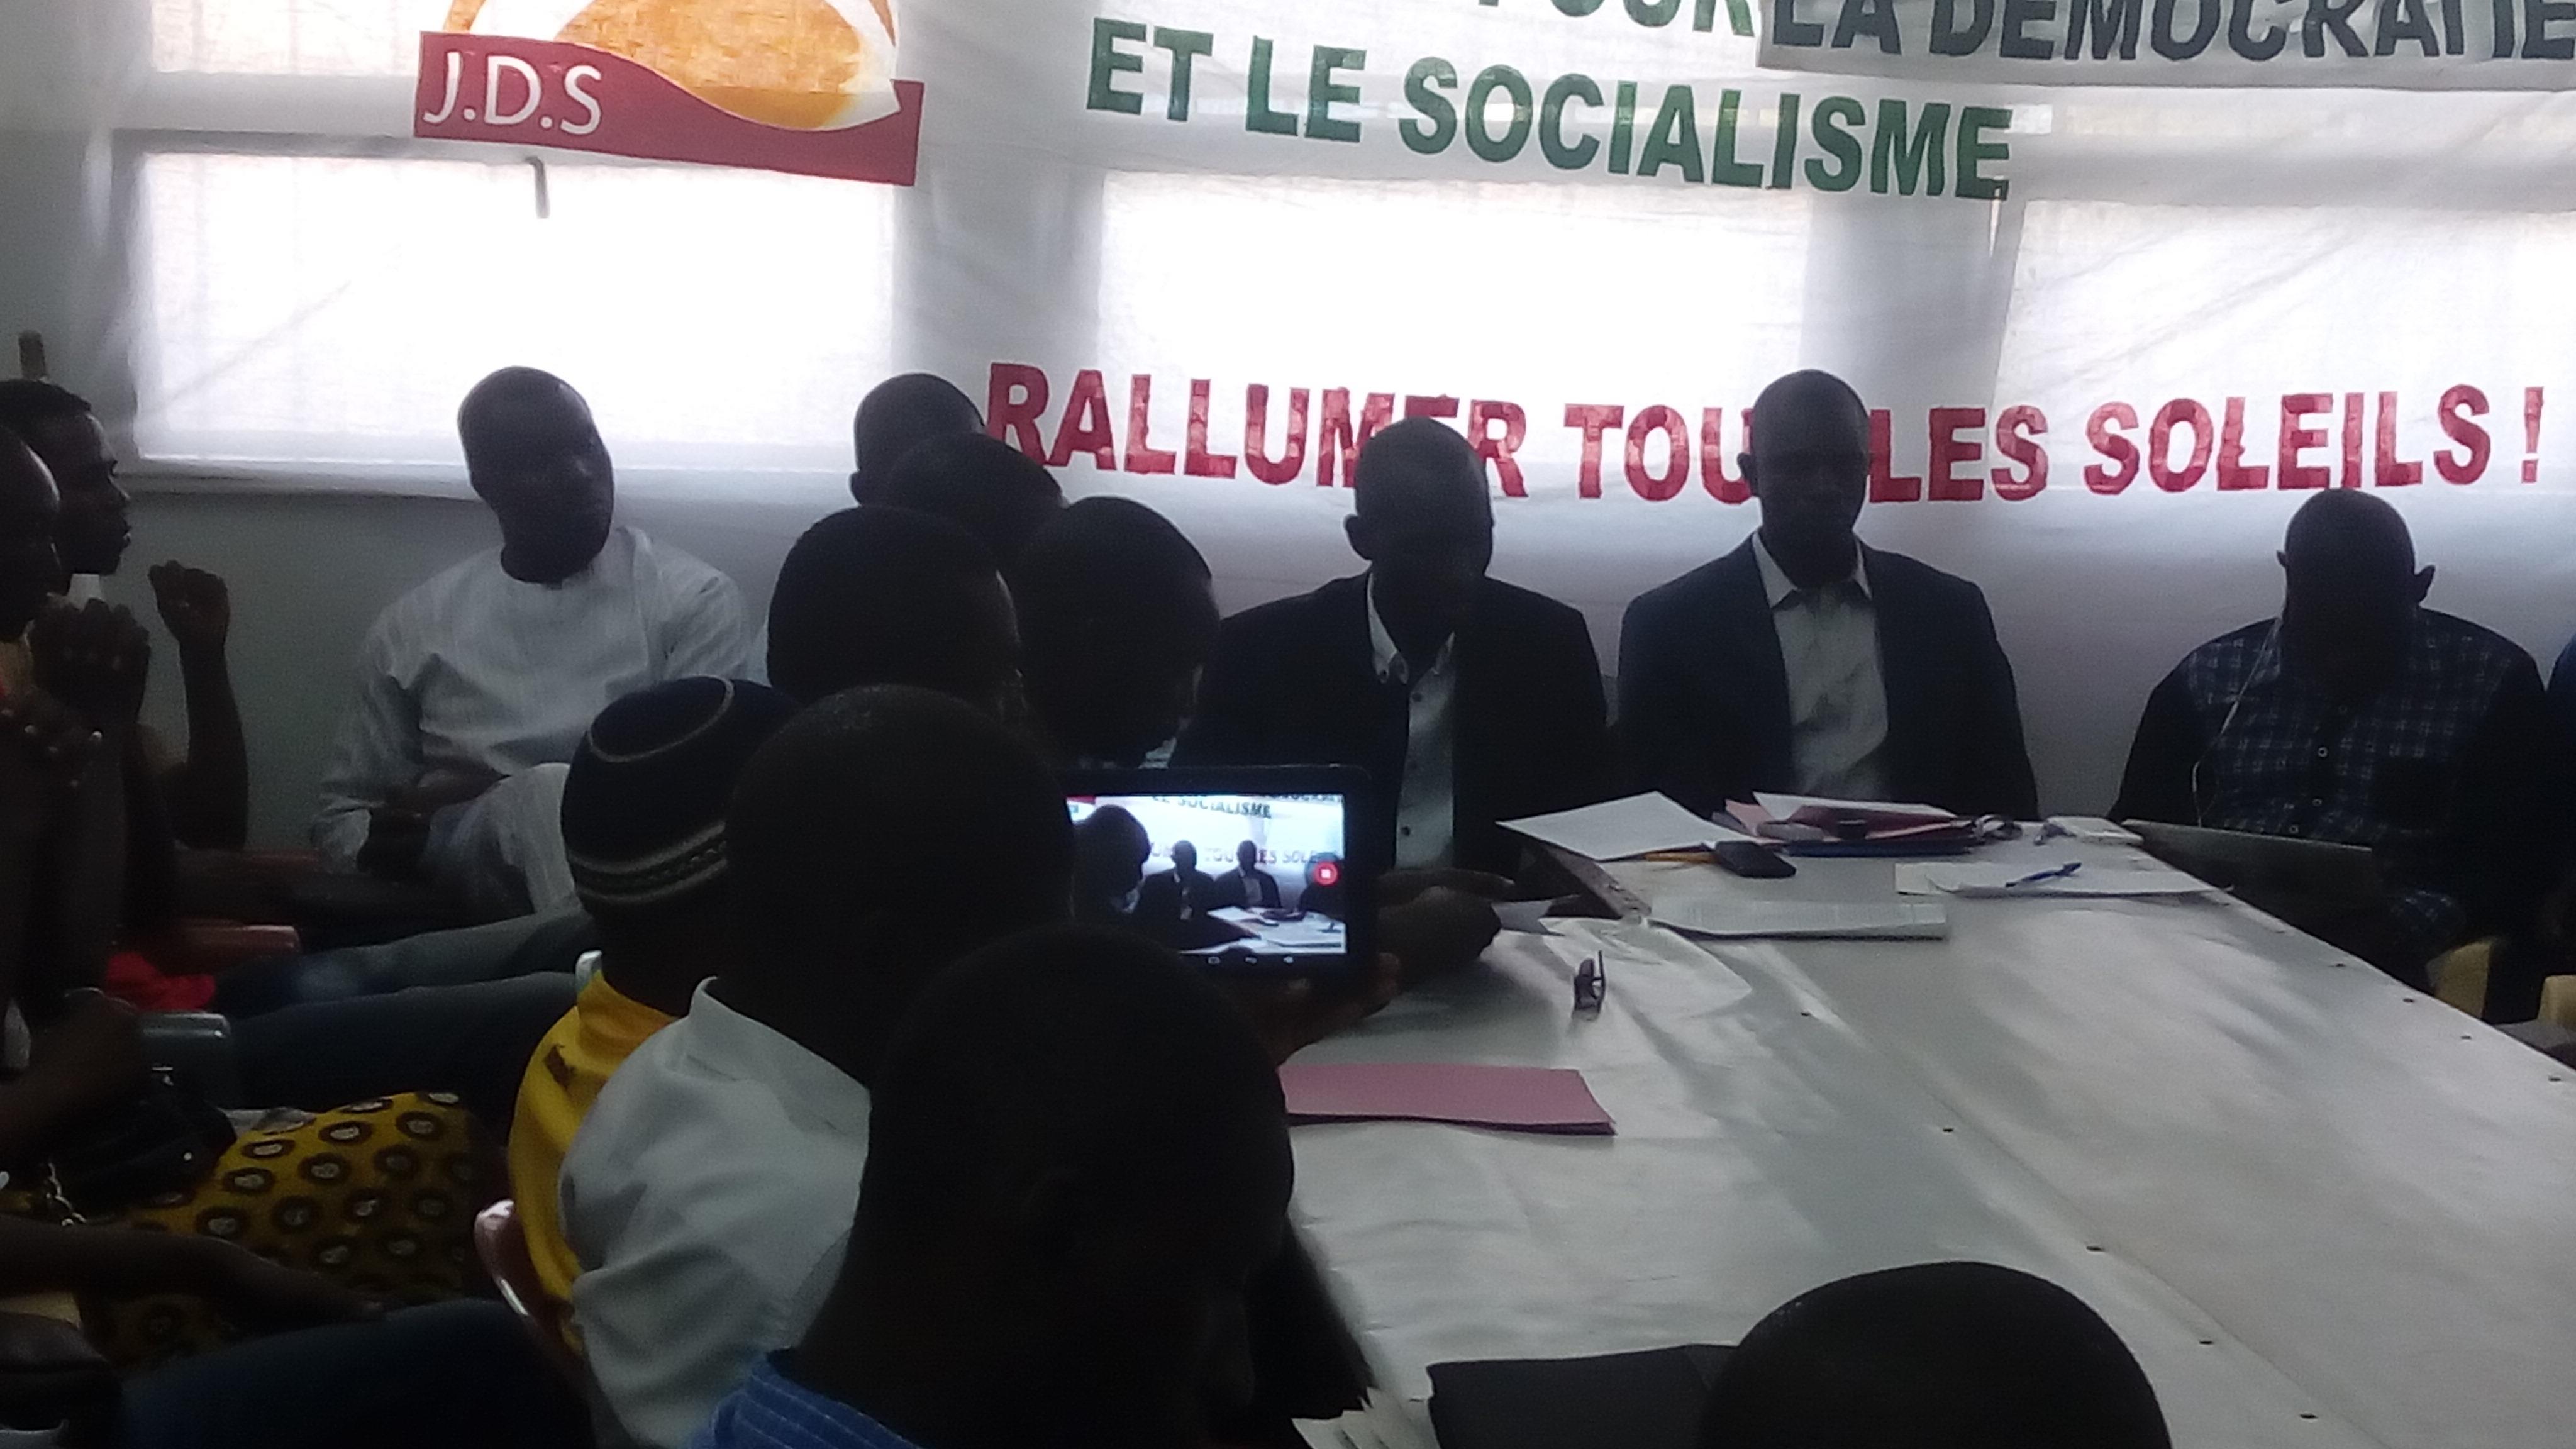 Déclarée non-grata à Thiès : La JDS entend lancer sa pétition à la permanence Ousmane Ngom de la ville